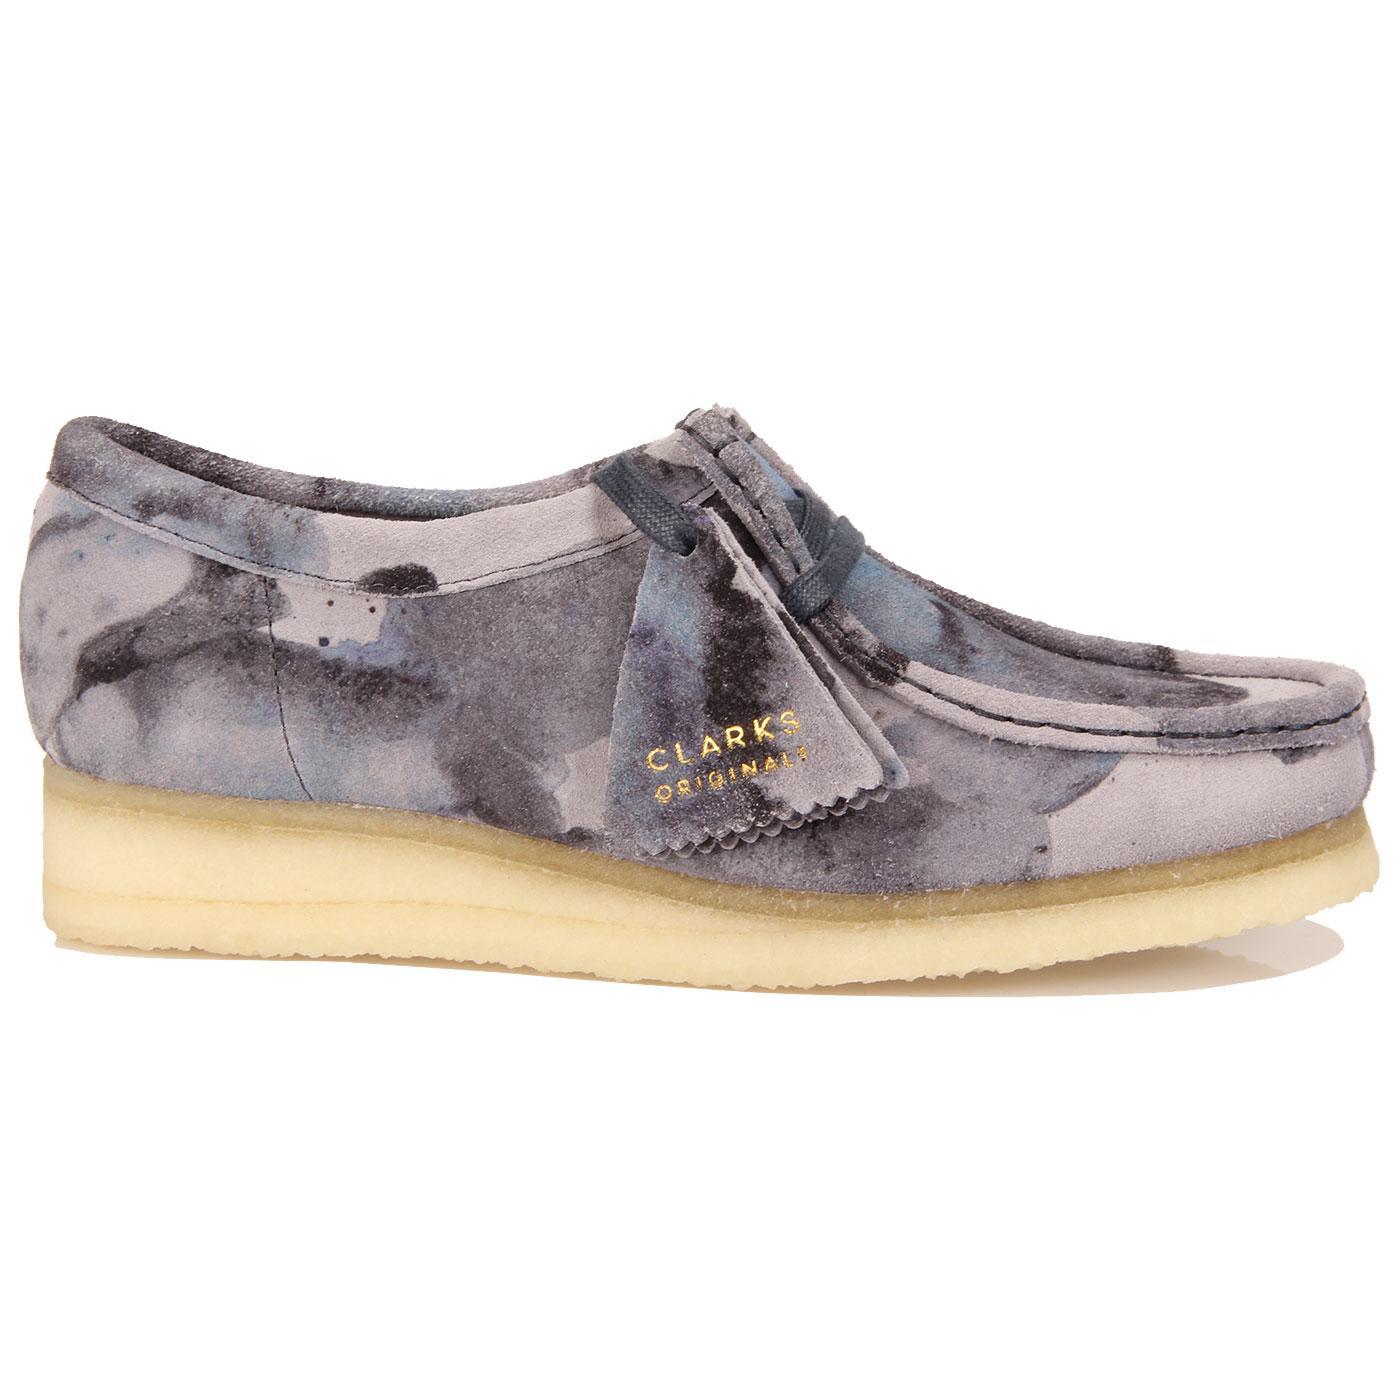 Wallabee CLARKS ORIGINALS Womens Camo Shoes BLUE